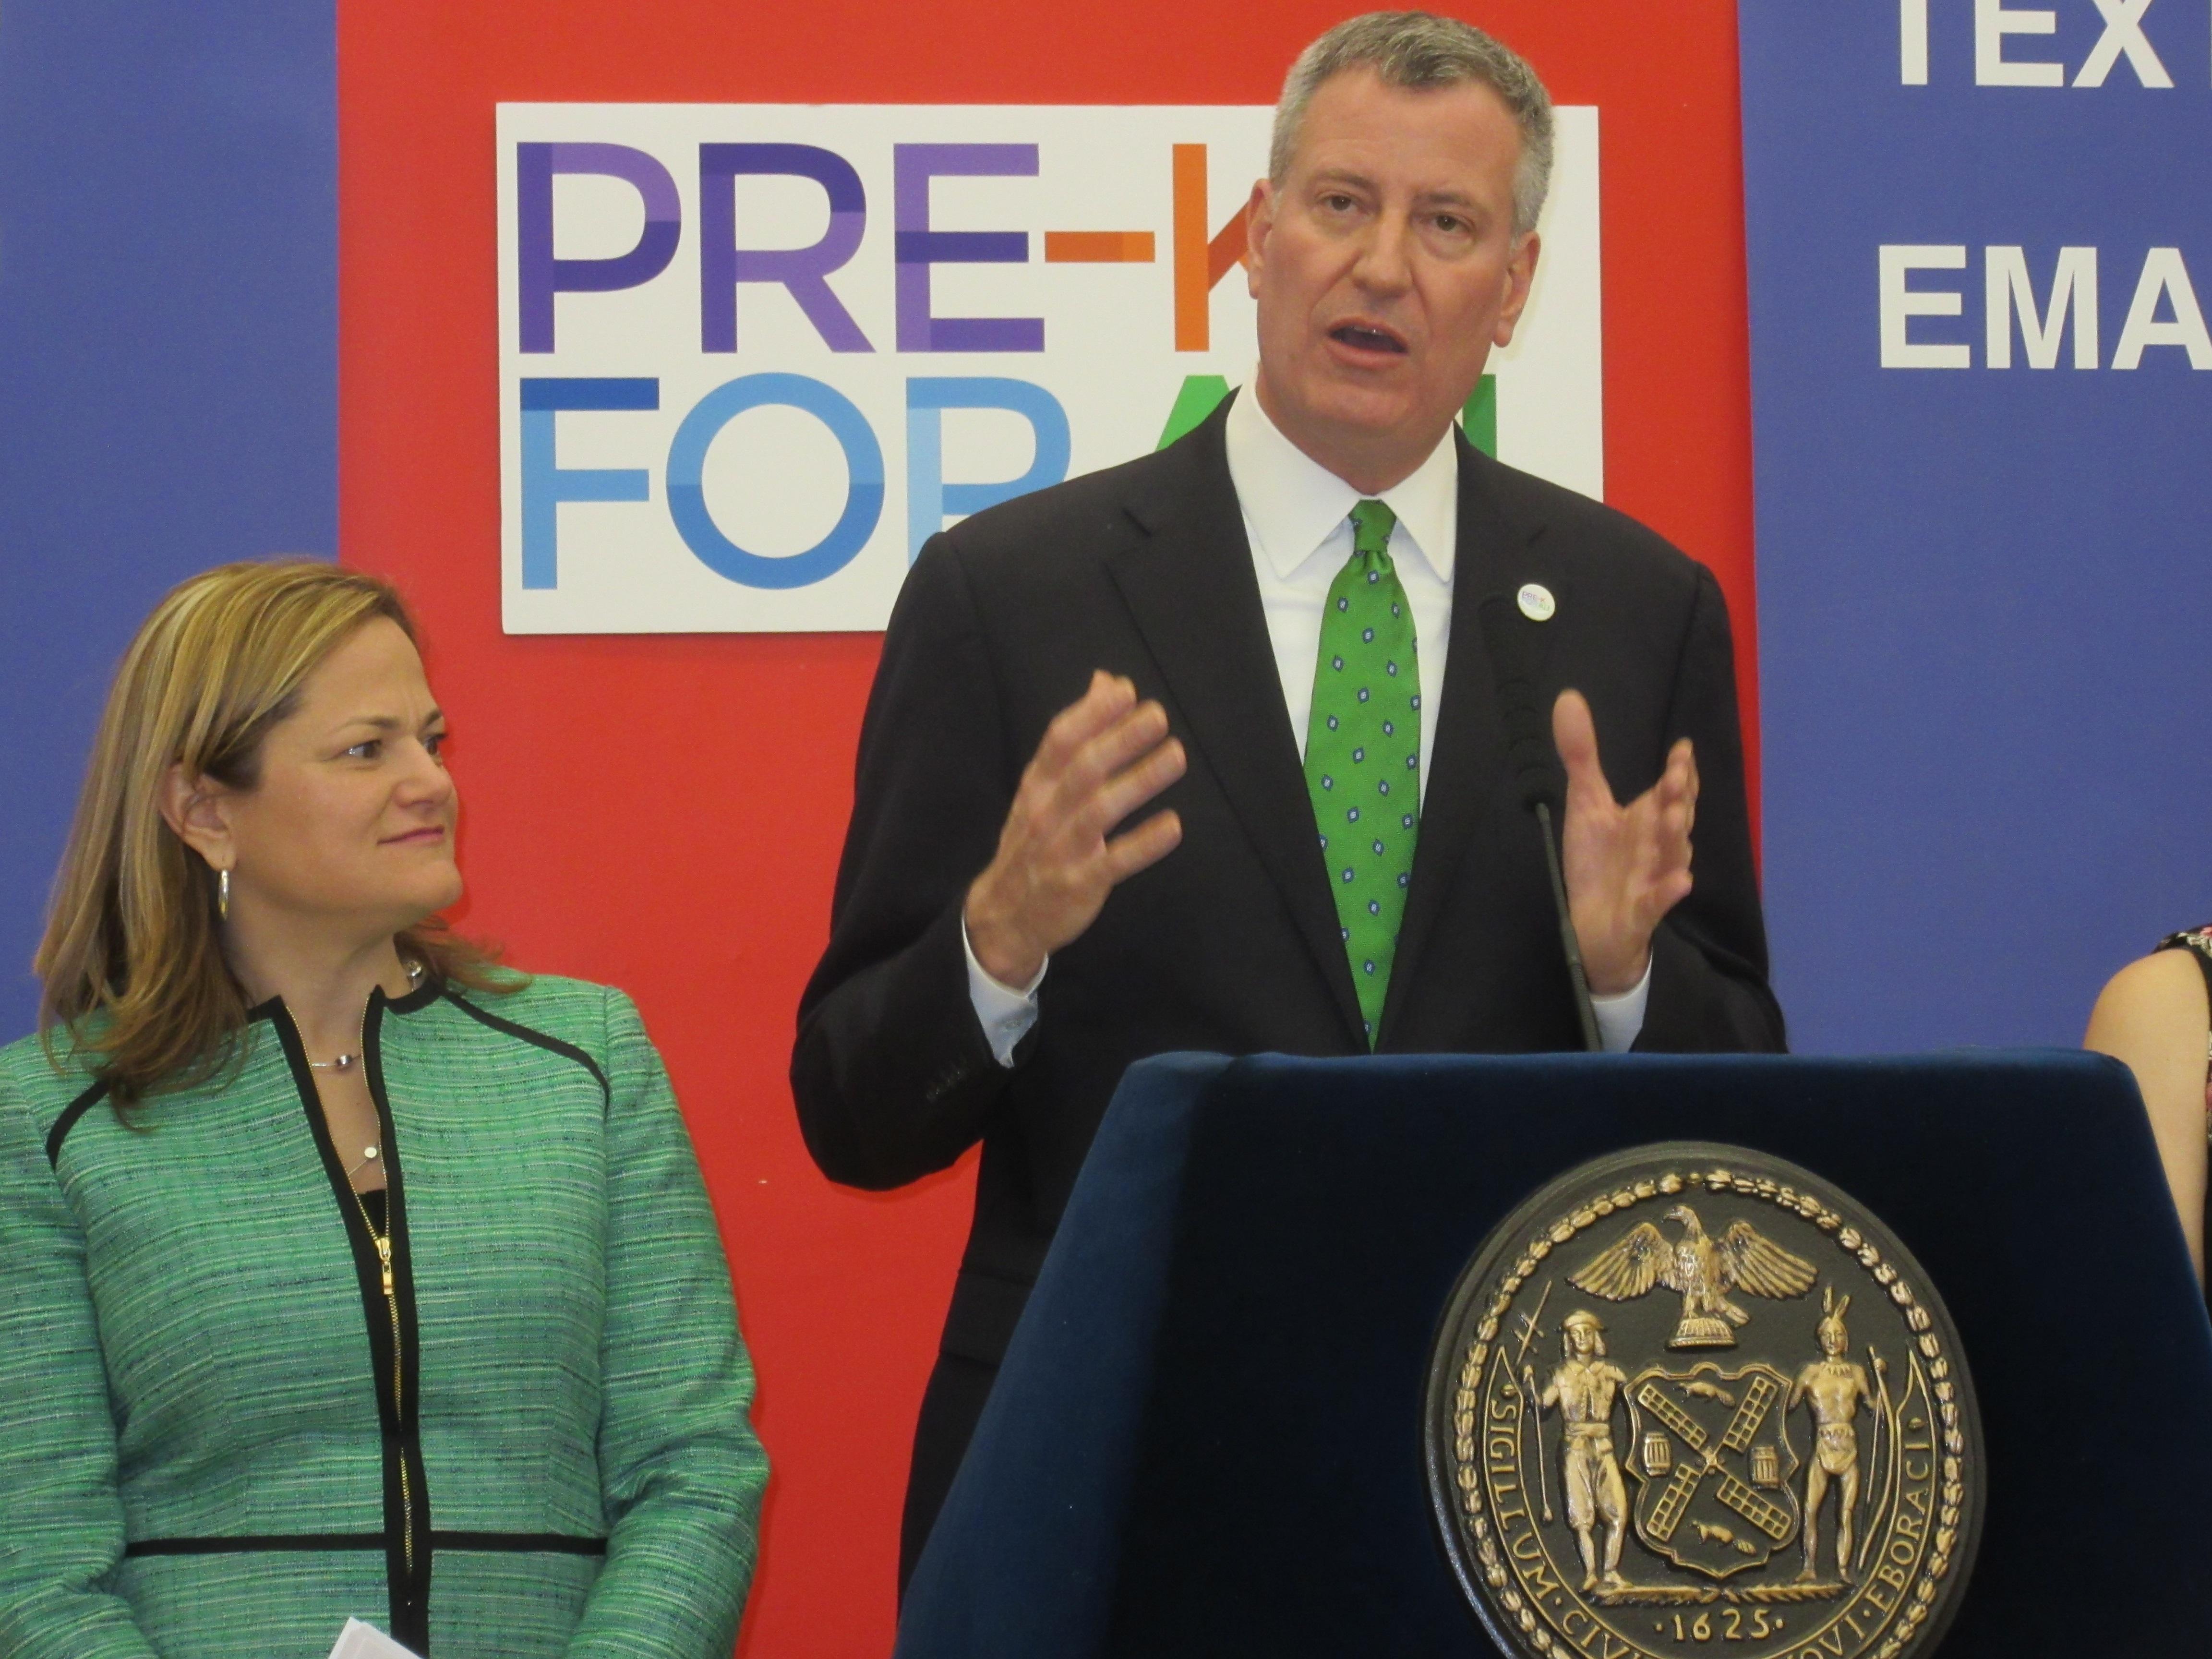 Mayor Bill de Blasio, right, with Council Speaker Melissa Mark-Viverito (Photo: Will Bredderman).